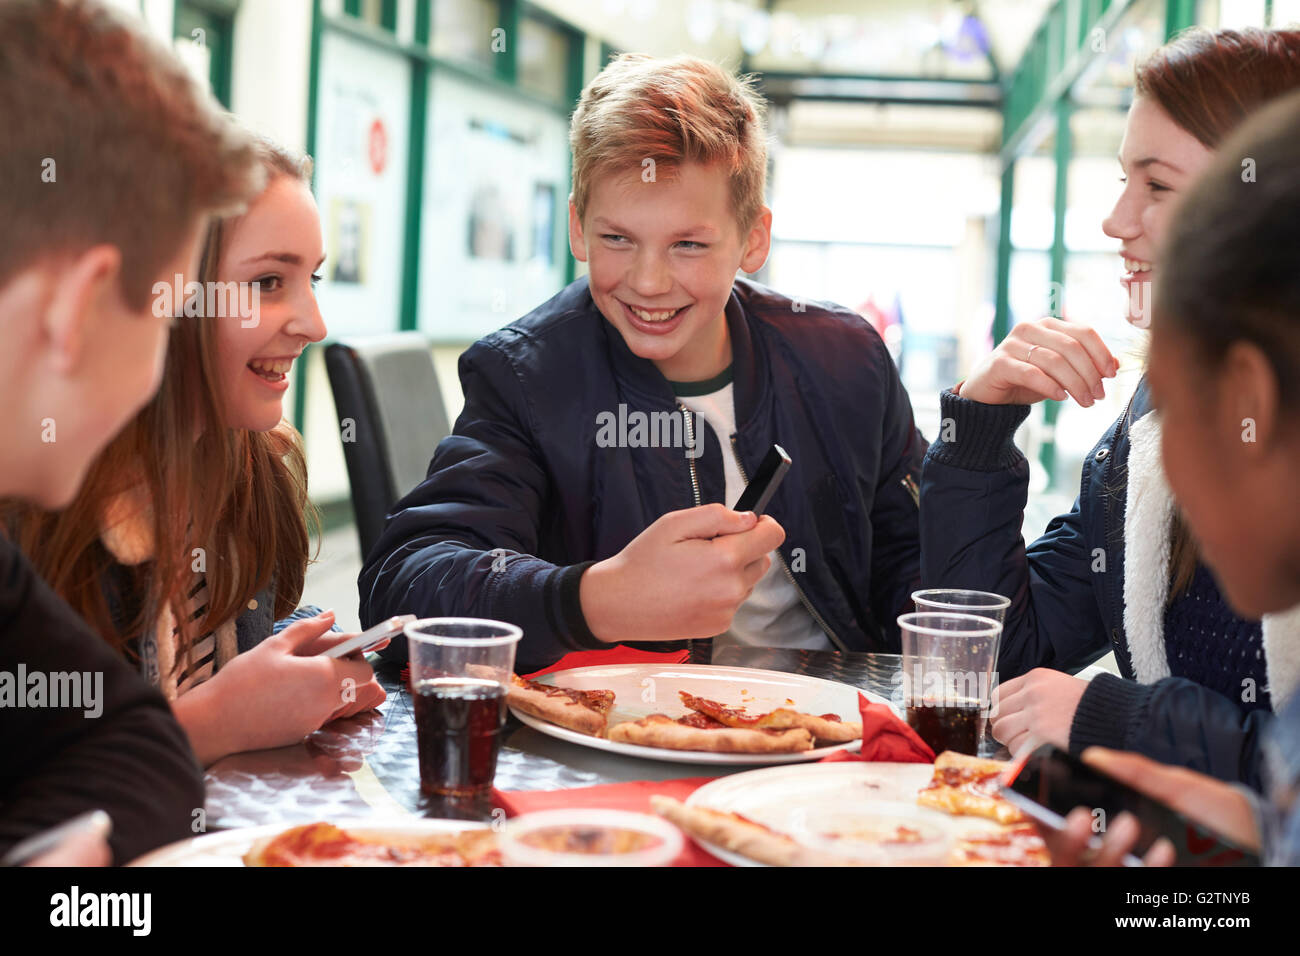 Gli adolescenti di mangiare la pizza in Cafe e guardando il Telefono Cellulare Immagini Stock